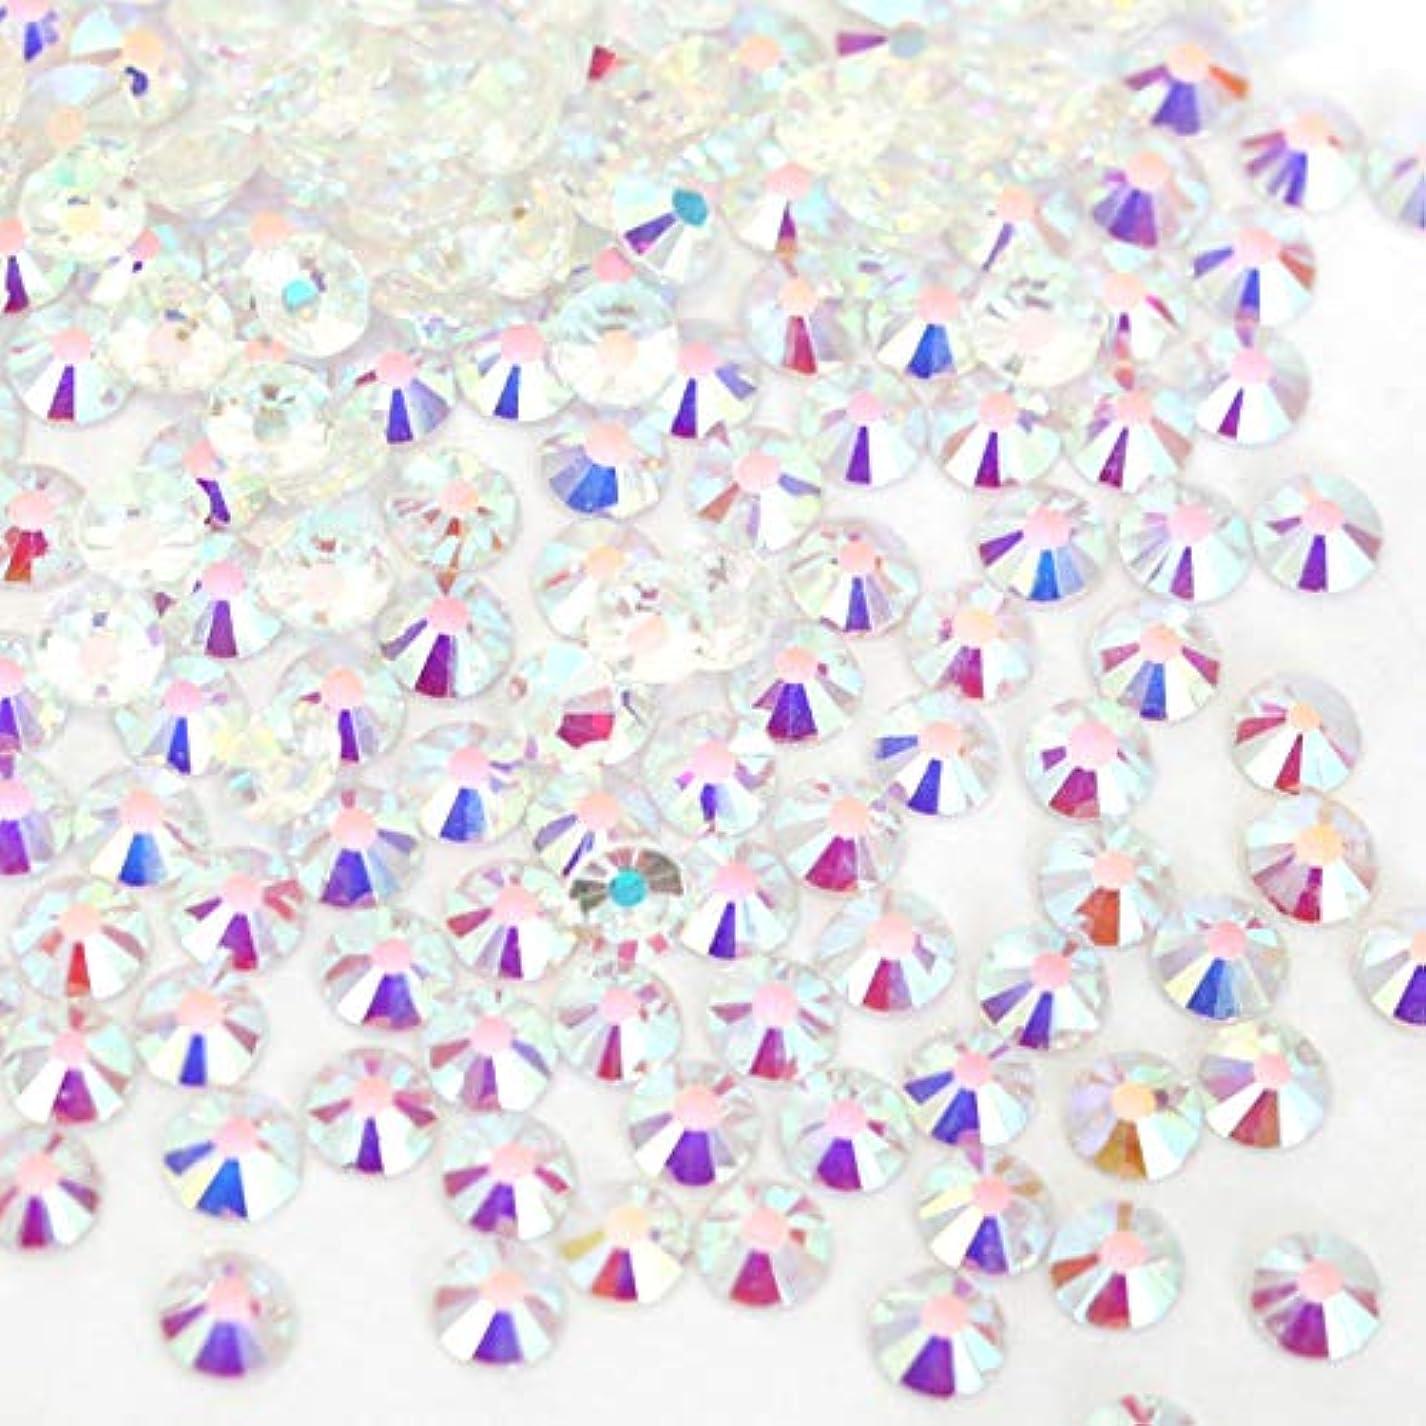 雨の深める趣味【ラインストーン77】 ガラス製ラインストーン オーロラクリスタルアンホイル(透明底)各サイズ選択可能 スワロフスキー同等 (SS16 約150粒)